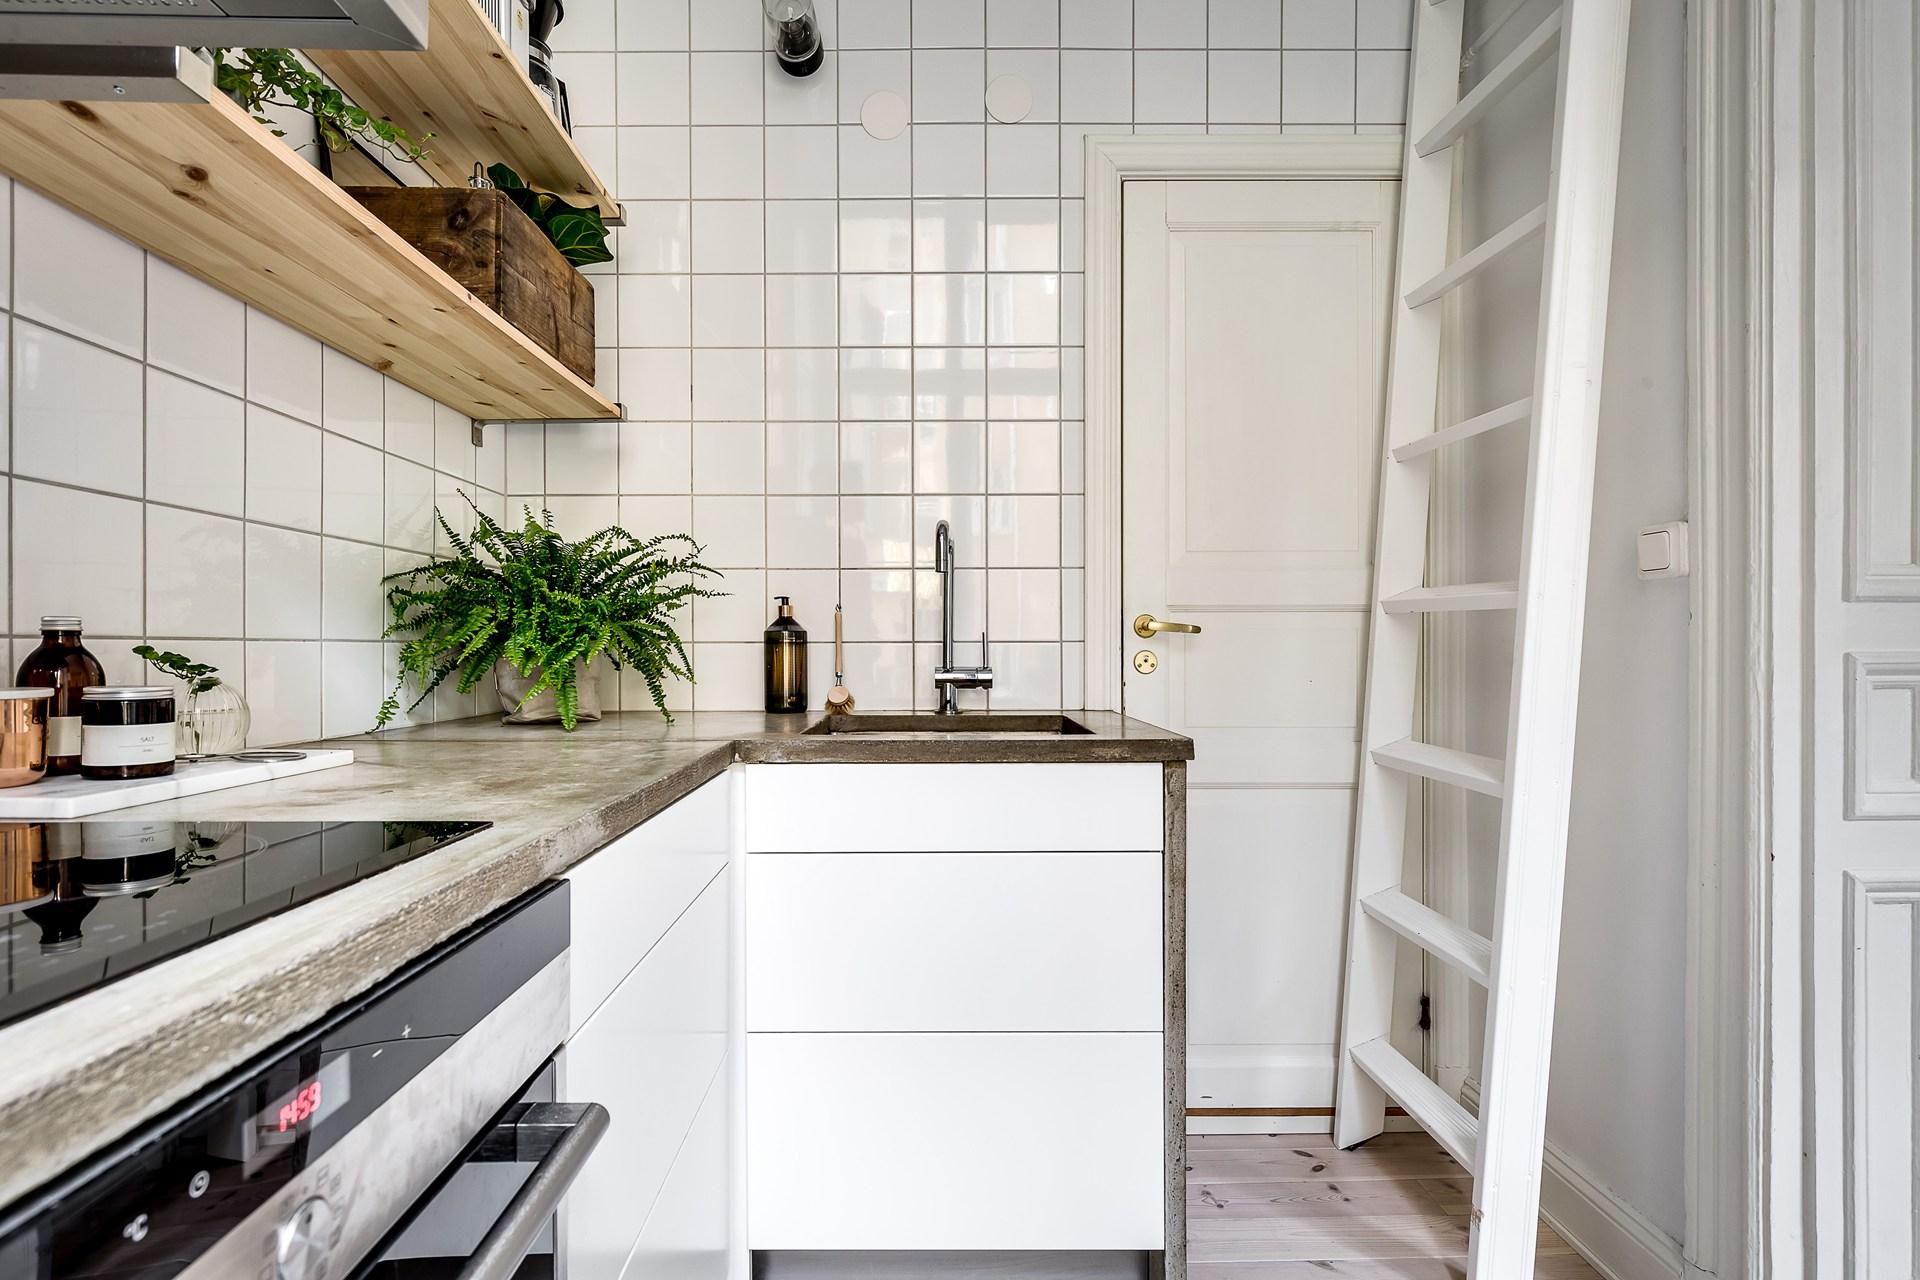 кухня плитка столешница бетон высокий потолок антресоли лестница